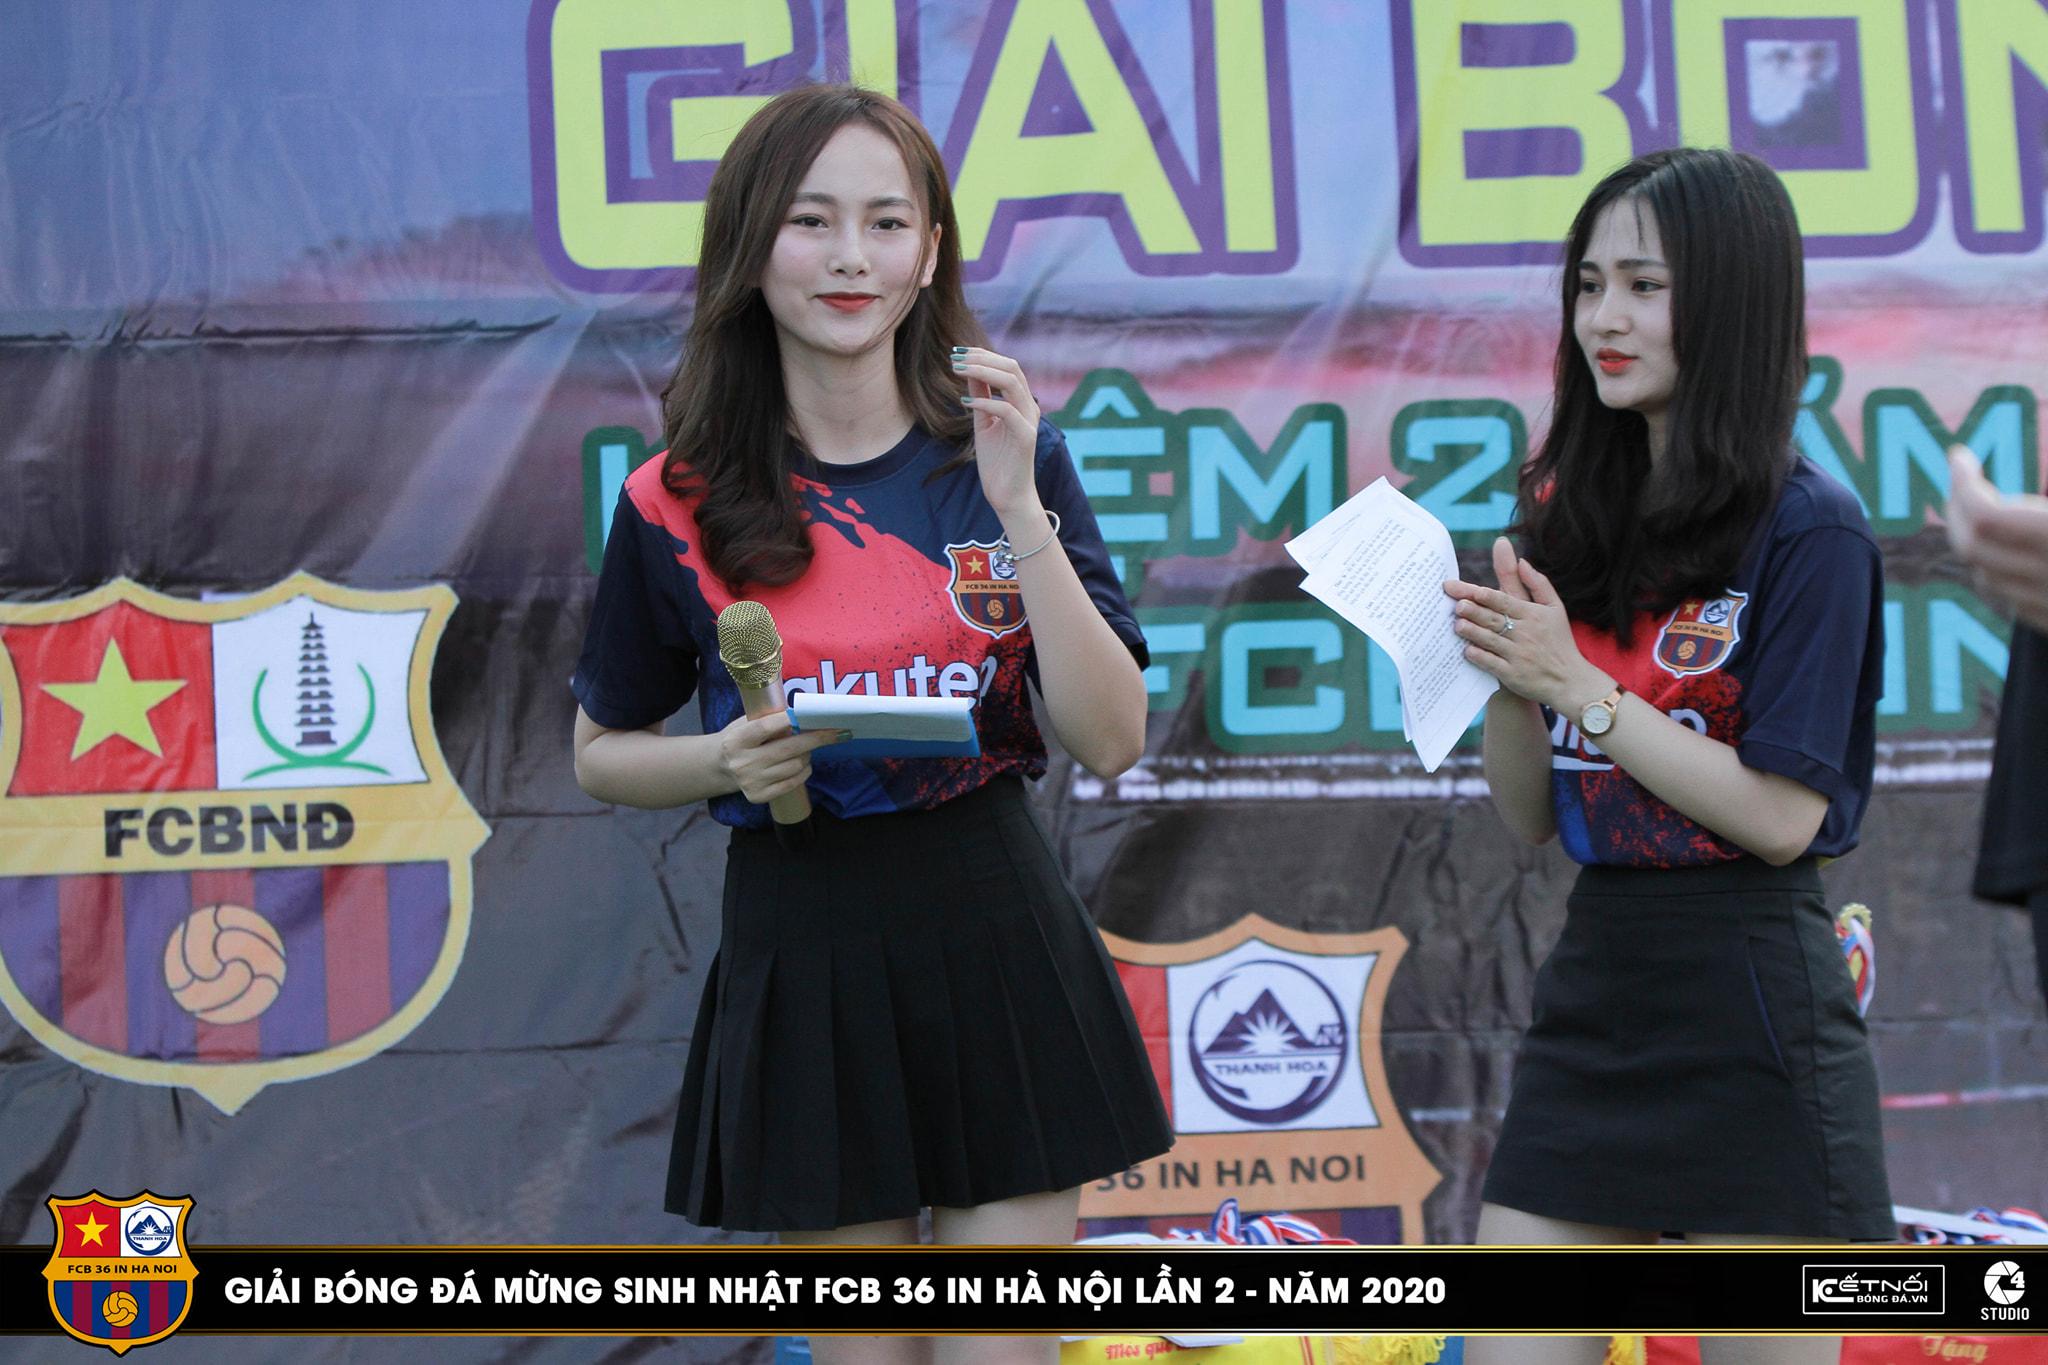 2 MC của chương trình